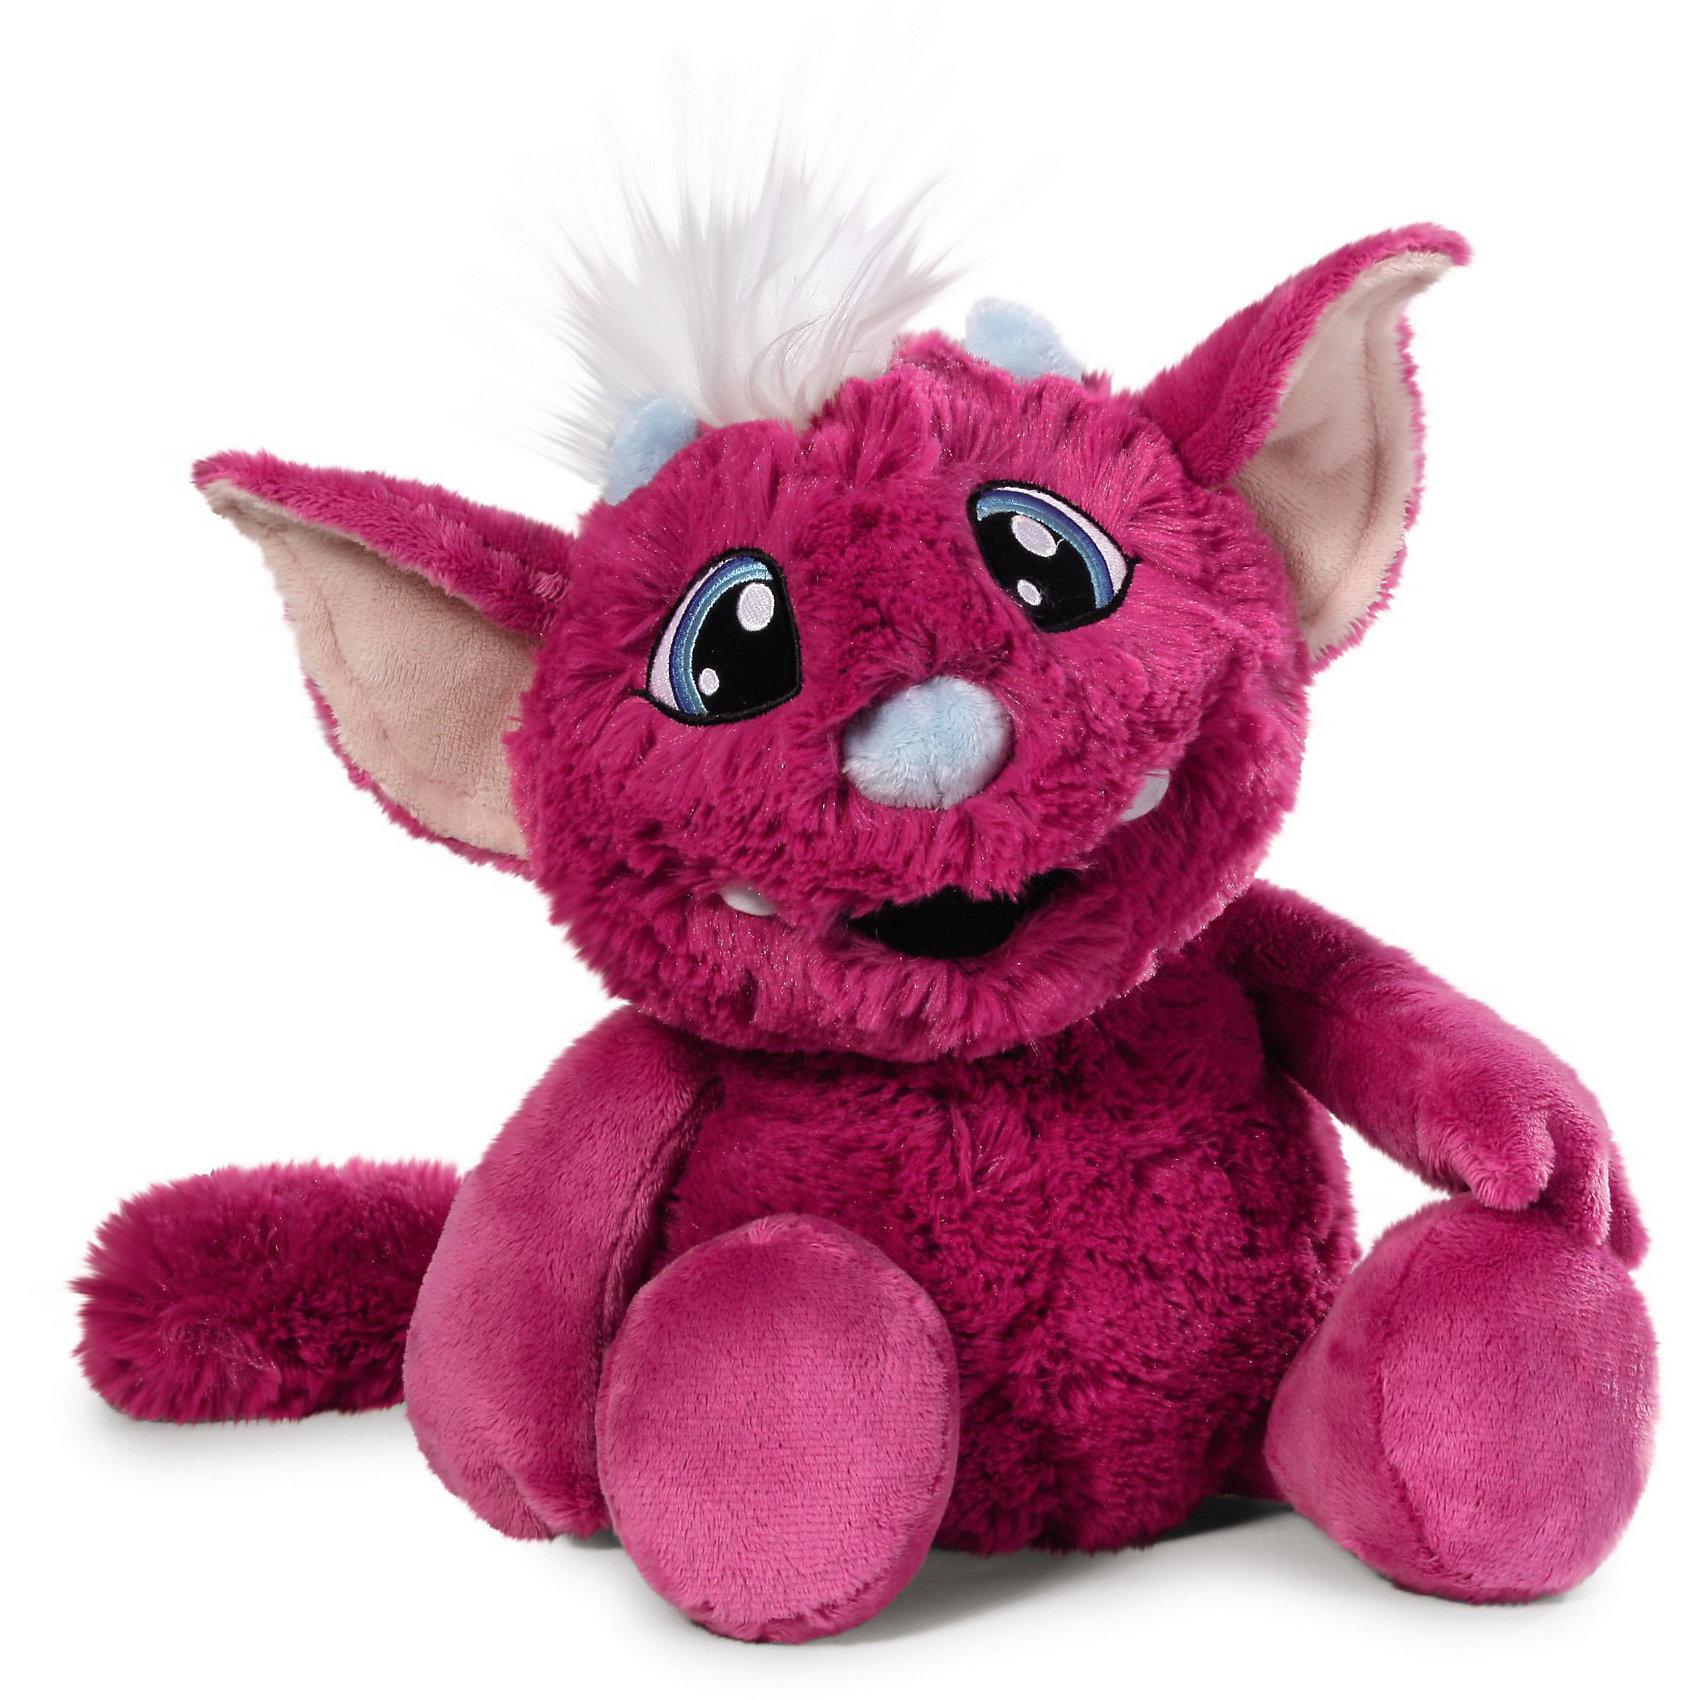 Интерактивная мягкая игрушка Крейзи Мик, 35 см, розовый, NICIИнтерактивная мягкая игрушка Крейзи Мик, NICI - оригинальная забавная игрушка, которая порадует и развеселит Вашего ребенка. Забавное существо обладает множеством игровых функций: если произнести какие-нибудь слова, игрушка будет их повторять, храпит, если закрыть ему глазки, смеется если зверюшку пощекотать.<br><br>Дополнительная информация:<br><br>- Цвет: розовый.<br>- Материал: текстиль.<br>- Требуются батарейки: 3 х АА.<br>- Размер игрушки: 35 см.<br>- Размер упаковки: 48 х 30 х 20 см.<br>- Вес: 200 гр.<br><br>Интерактивную мягкую игрушку Крейзи Мик, 35 см, NICI можно купить в нашем интернет-магазине.<br><br>Ширина мм: 348<br>Глубина мм: 258<br>Высота мм: 233<br>Вес г: 807<br>Возраст от месяцев: 48<br>Возраст до месяцев: 84<br>Пол: Женский<br>Возраст: Детский<br>SKU: 3665112